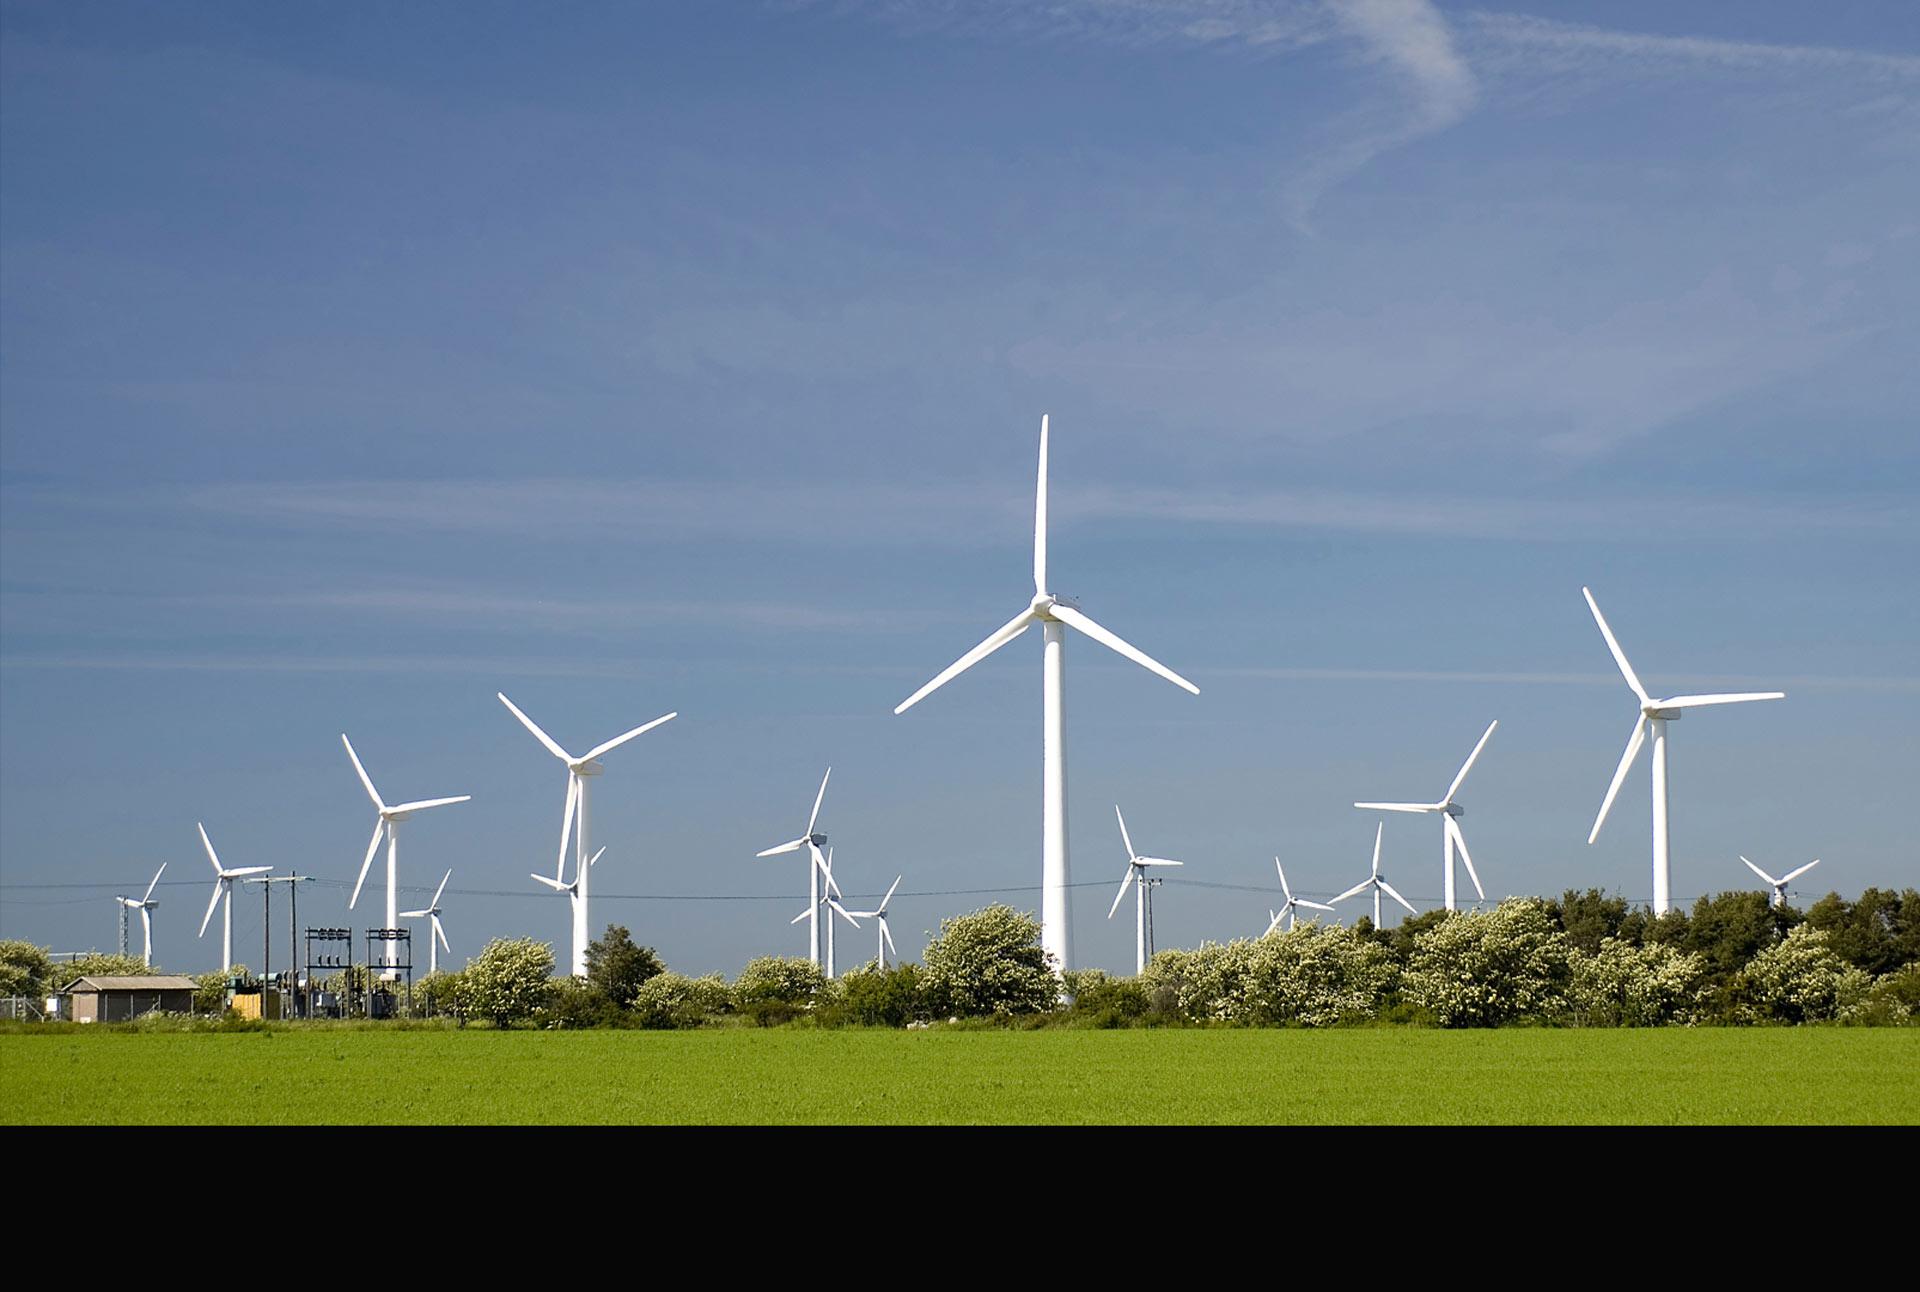 El plan a largo plazo de que toda la energía utilizada por la empresa sea verde ya está en marcha